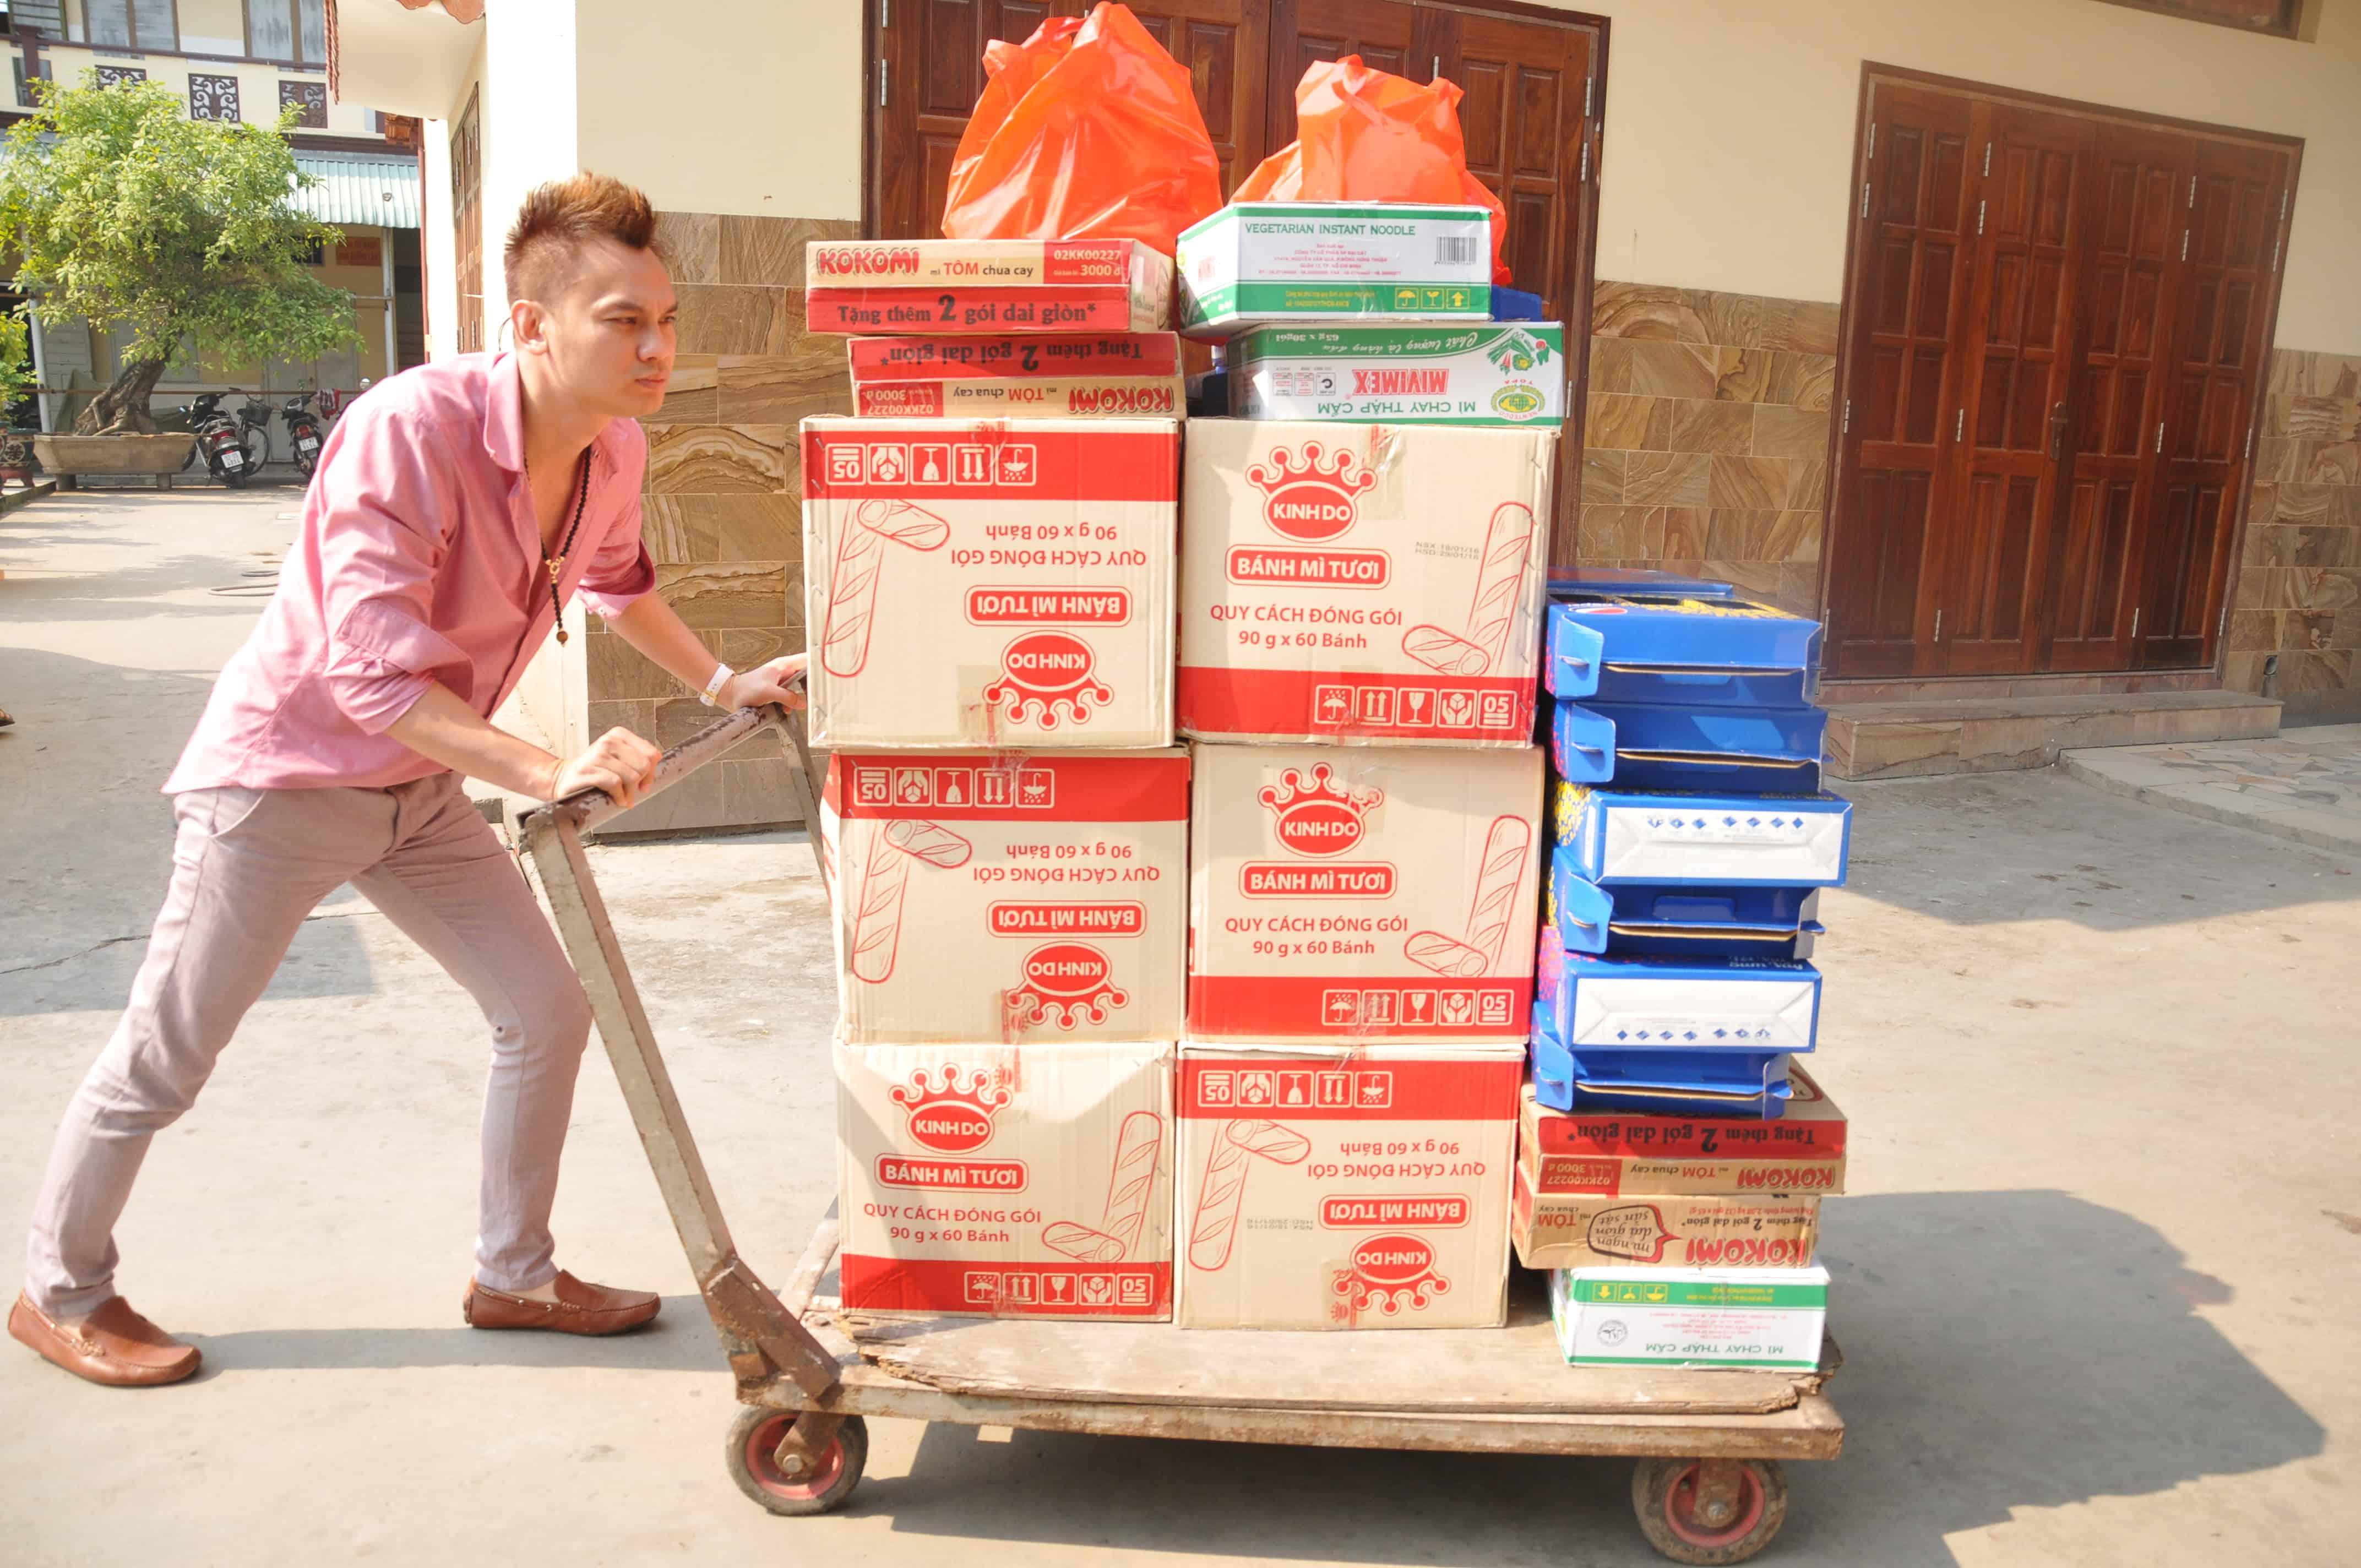 NSƯT Kim Tiểu Long đẩy xe quà đến phát cho trẻ em mồ côi ở chùa Từ Hạnh